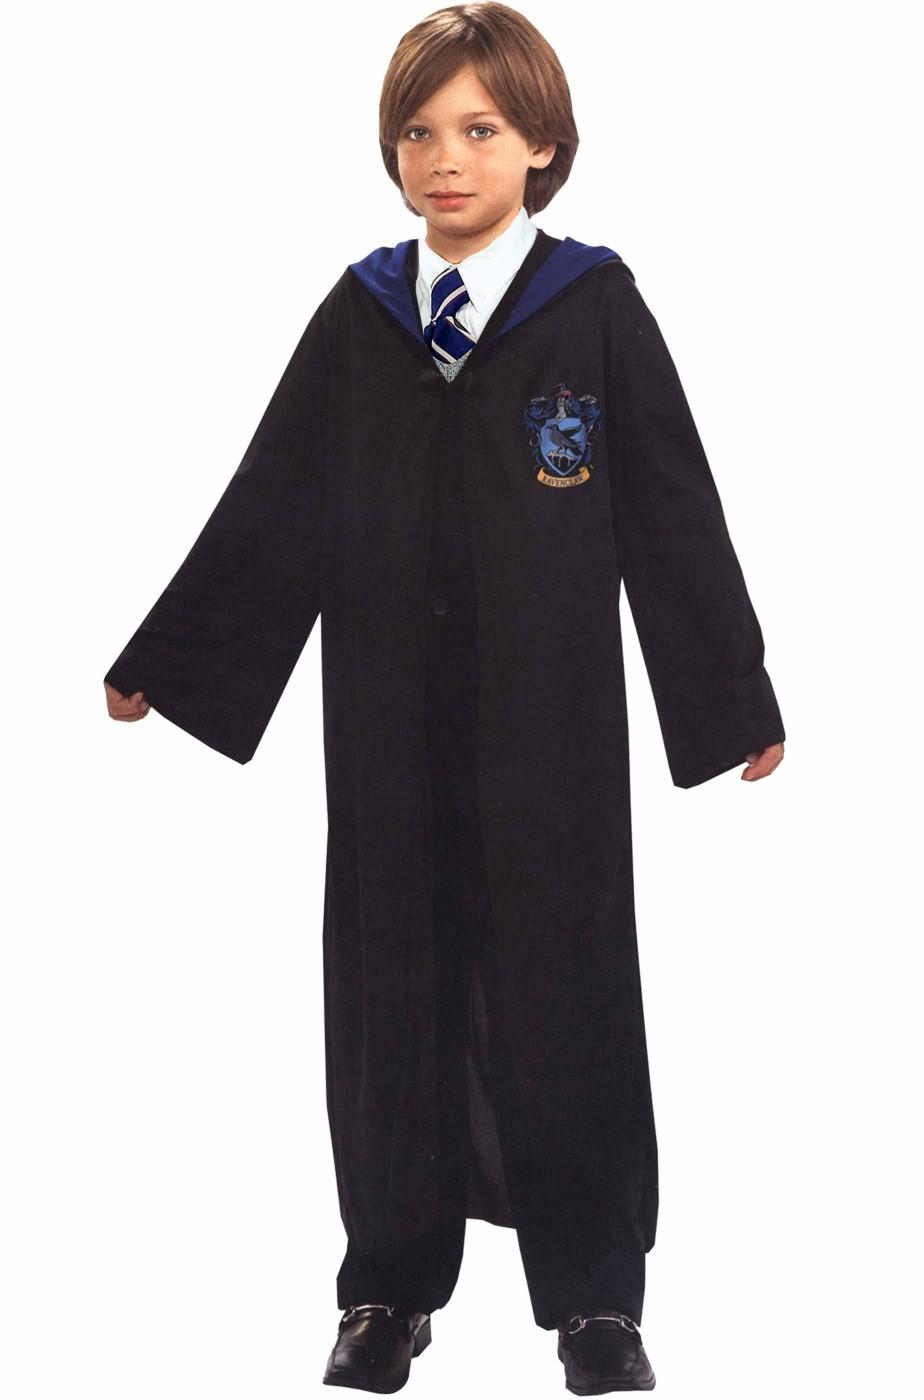 design distintivo stili di grande varietà prezzo favorevole Costume da bambino di Harry Potter Tunica di Corvonero